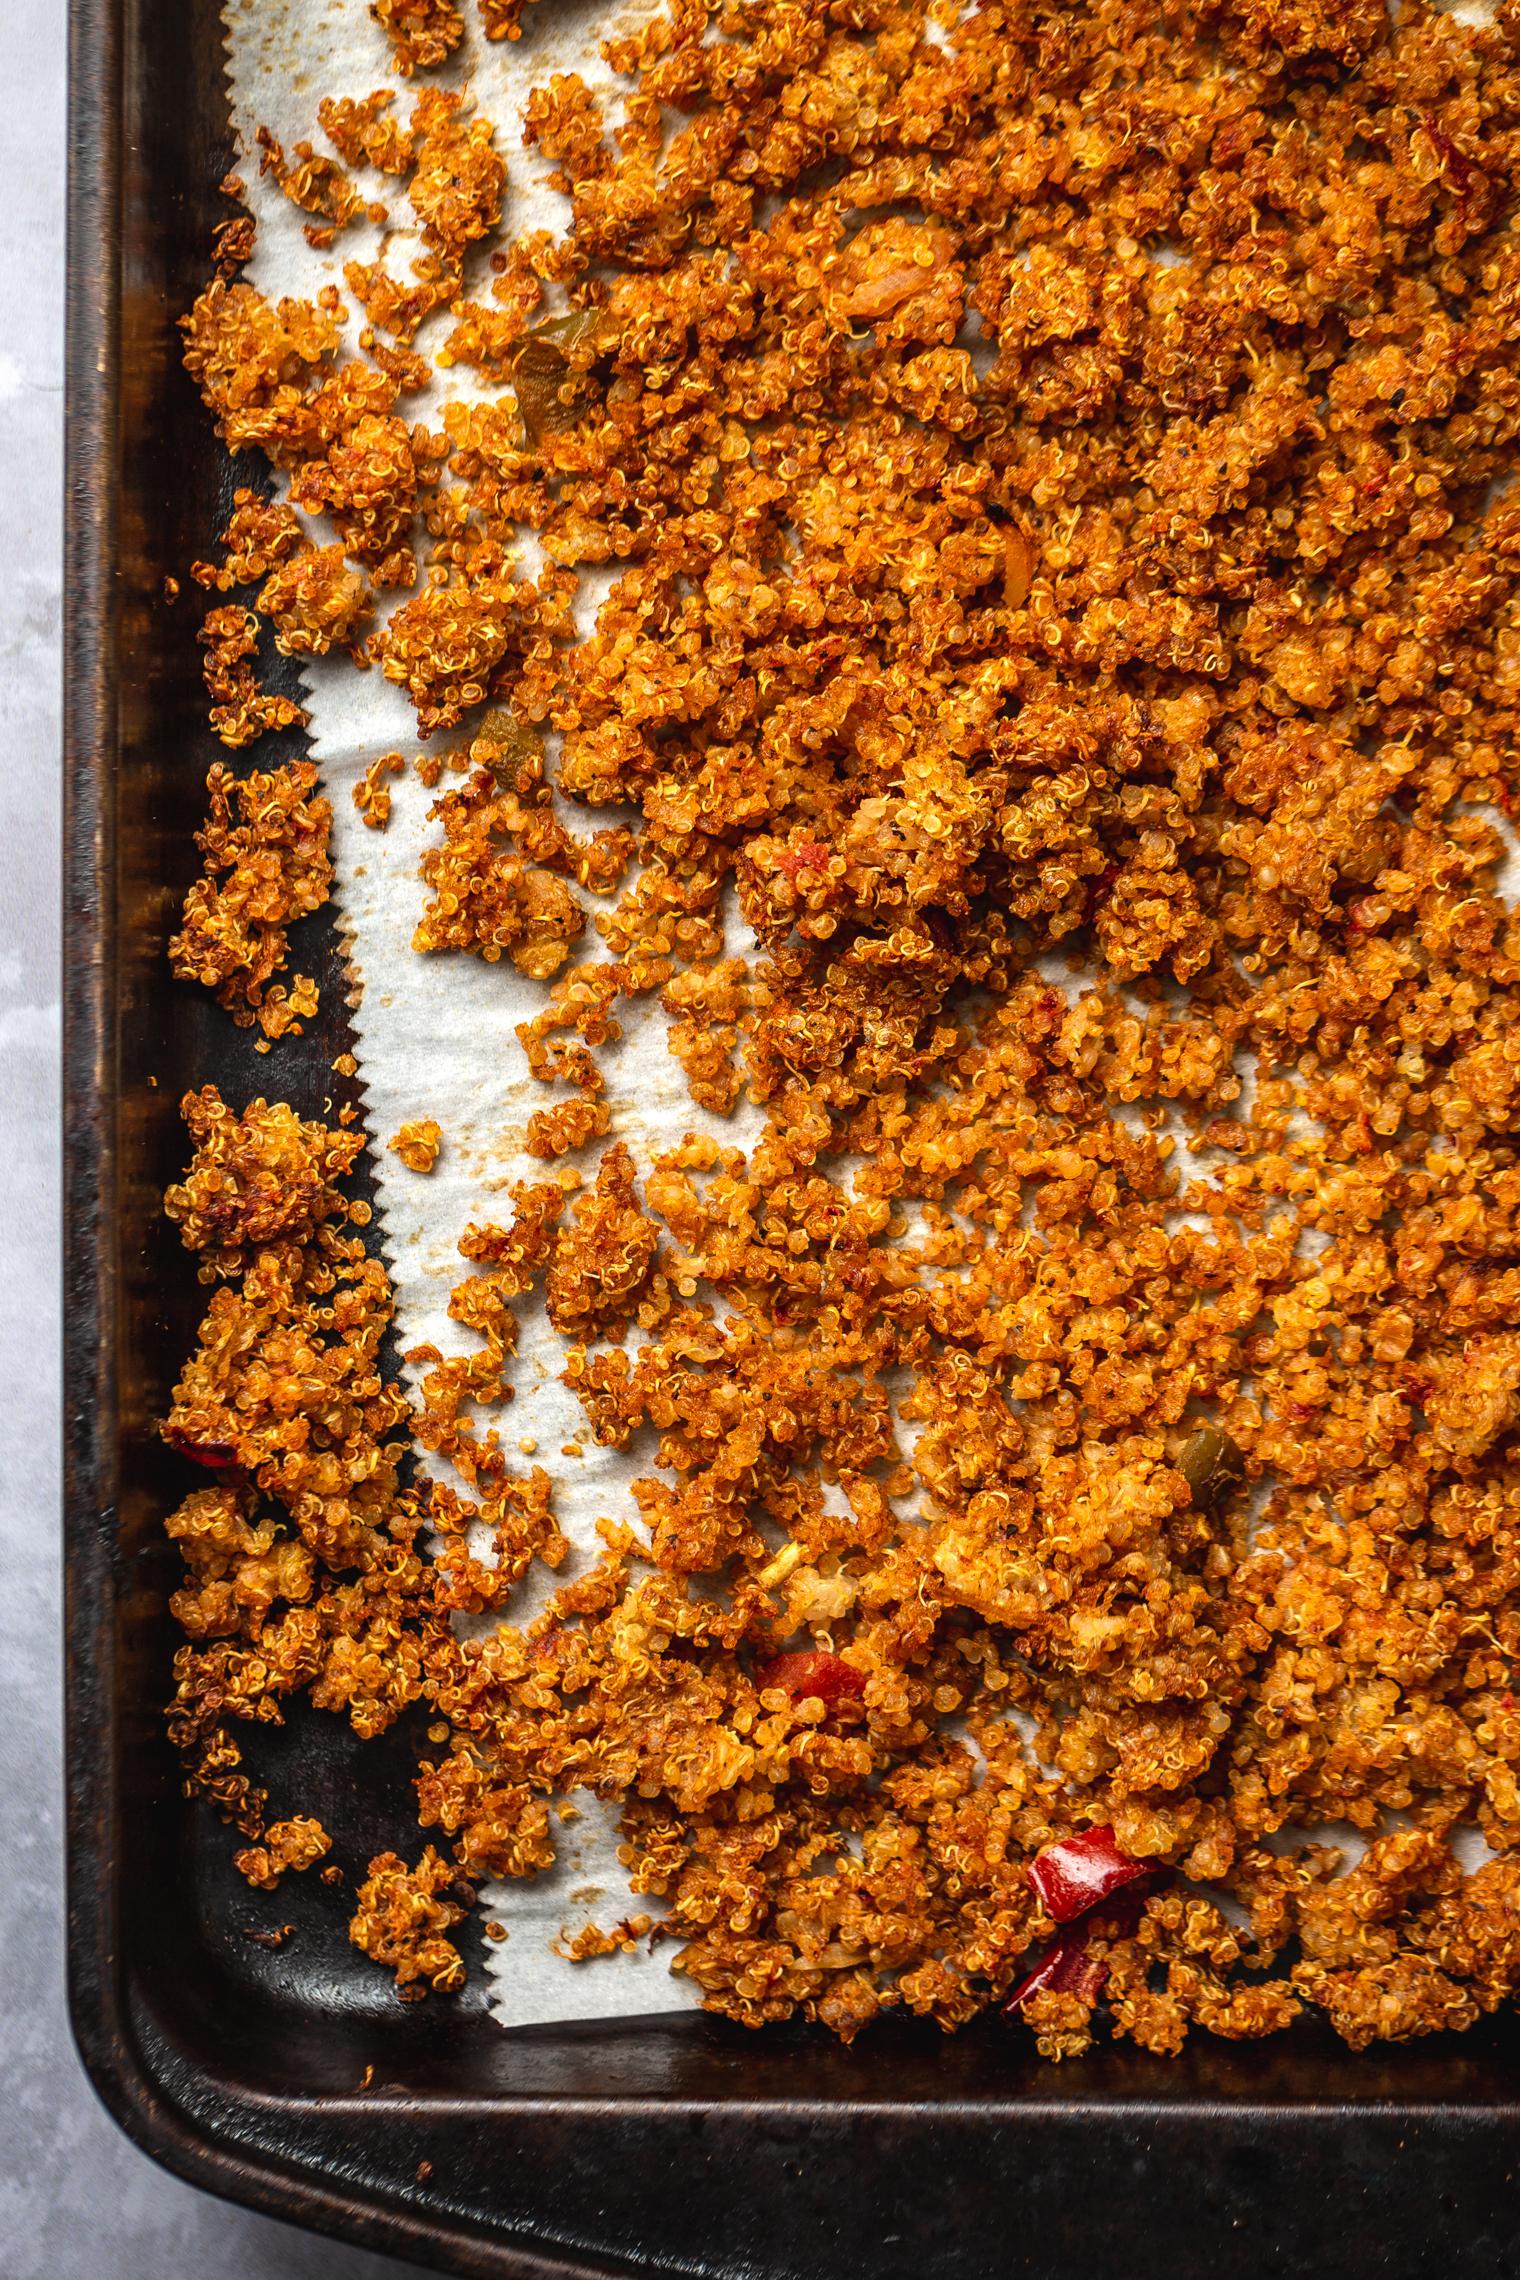 smoky quinoa on baking tray